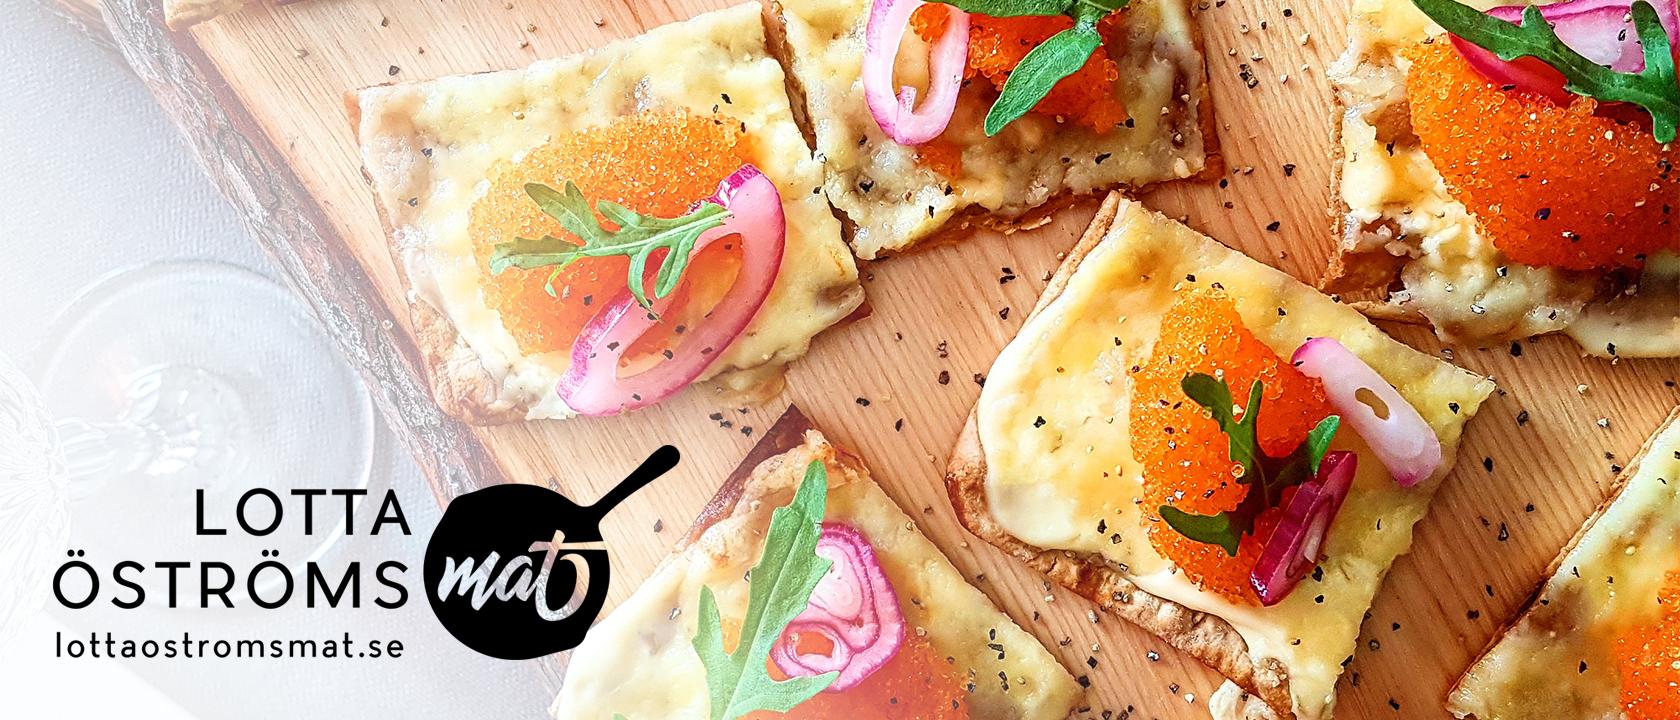 Lotta Öströms mat